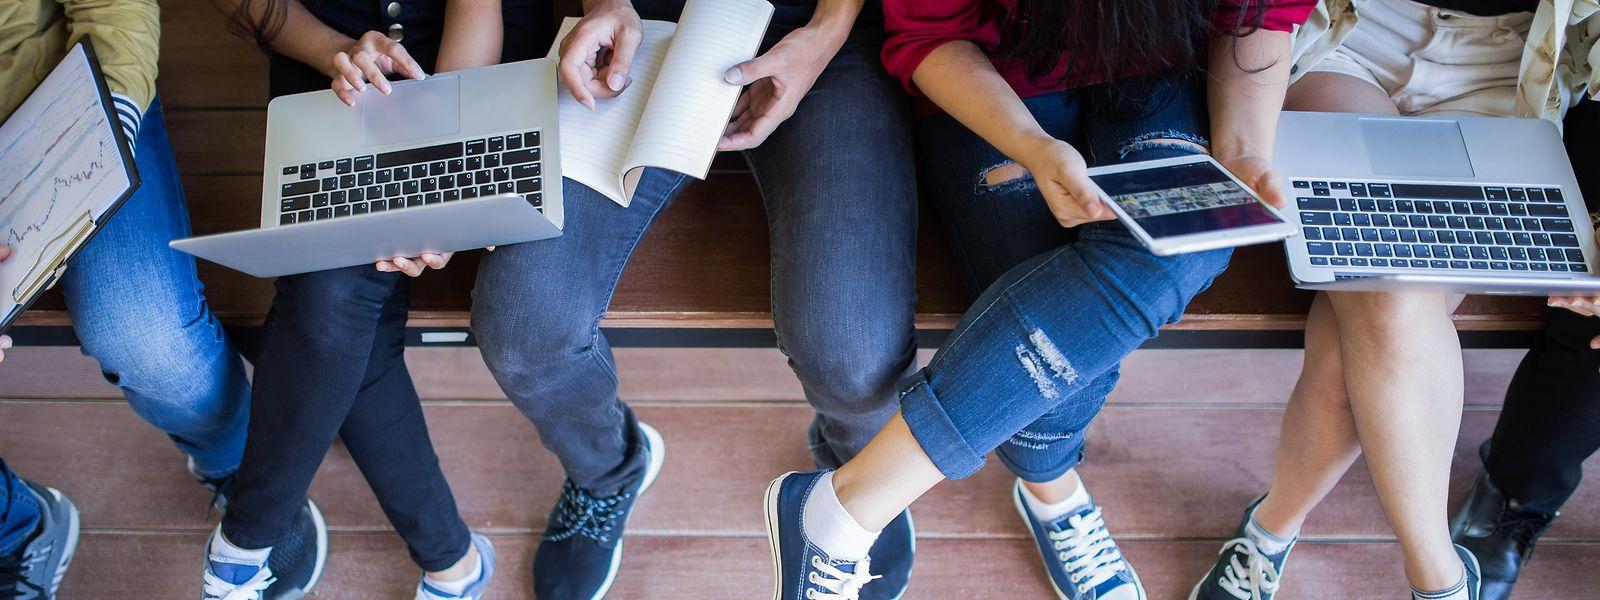 Bon nombre de cours universitaires sont désormais proposés par vidéo. Mais quid des examens?